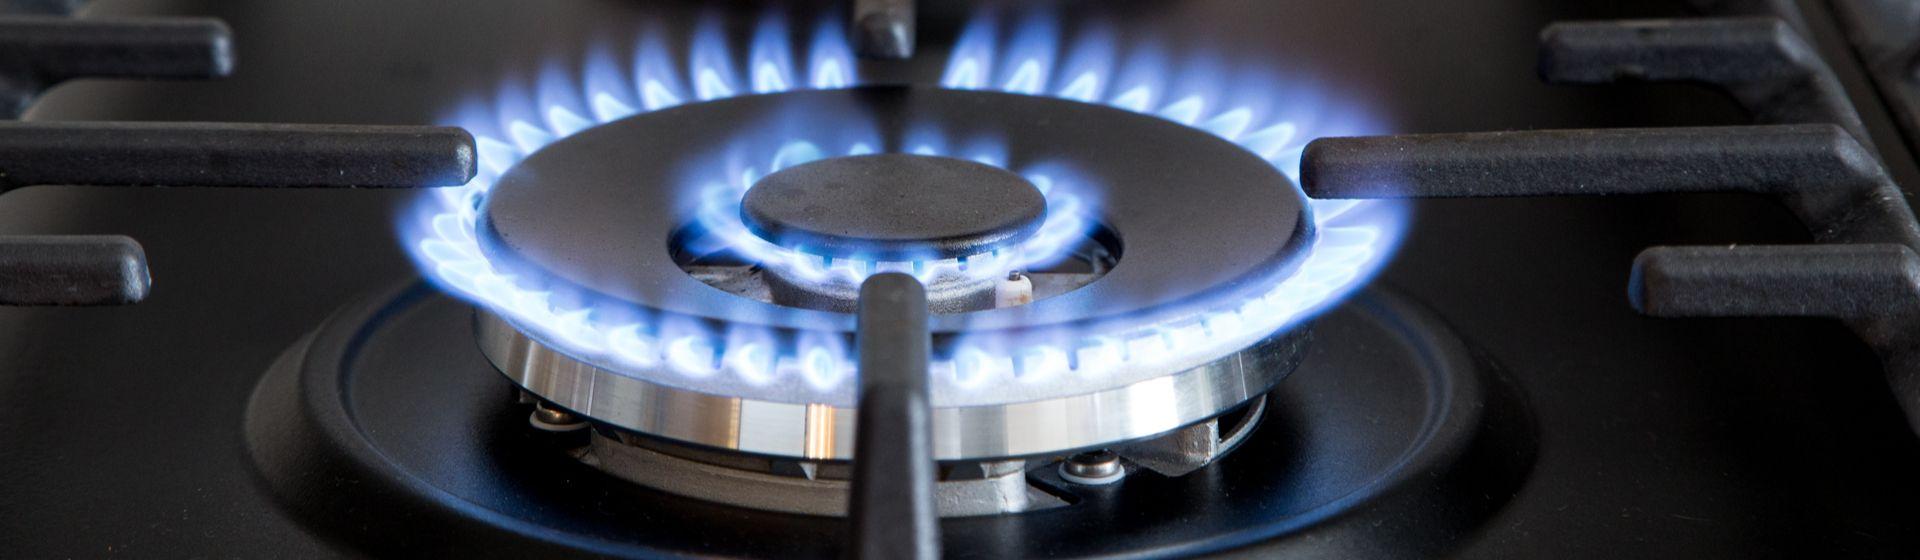 Todos os fogões funcionam a gás encanado?